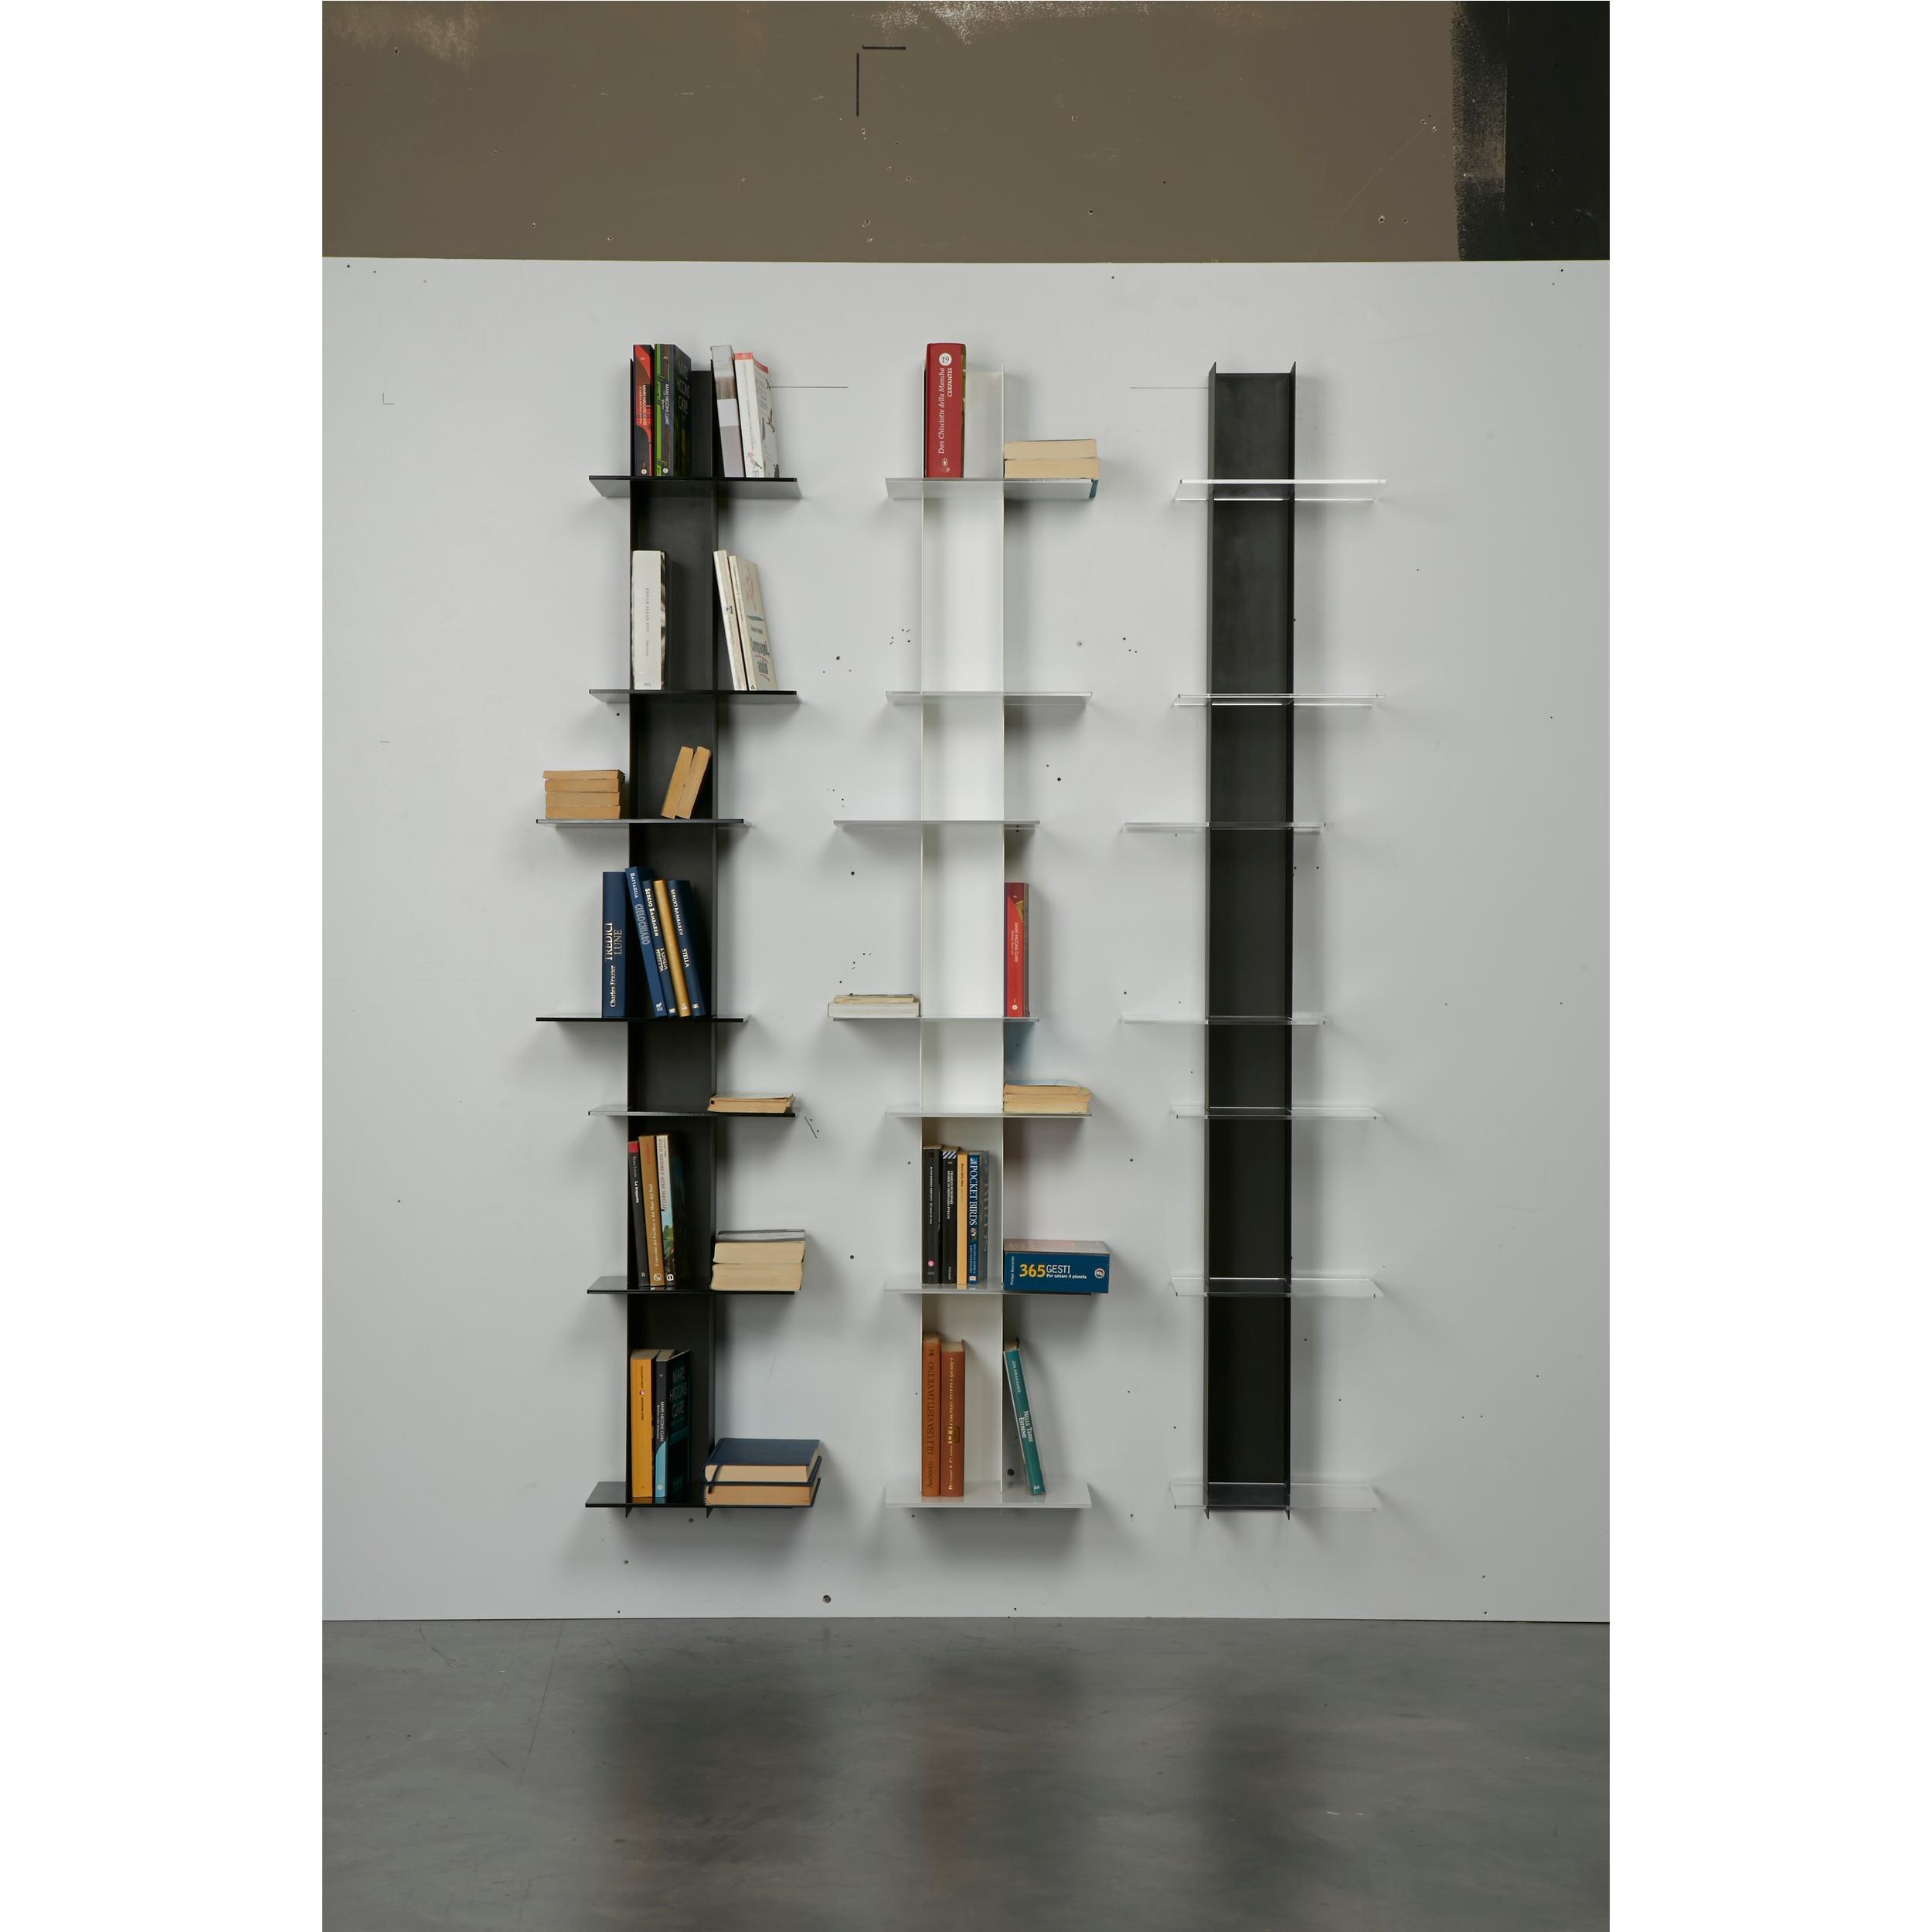 Libreria Verticale In Metallo.Libreria Da Parete Verticale Fissaggio A Parete Elib7 39x23xh 170